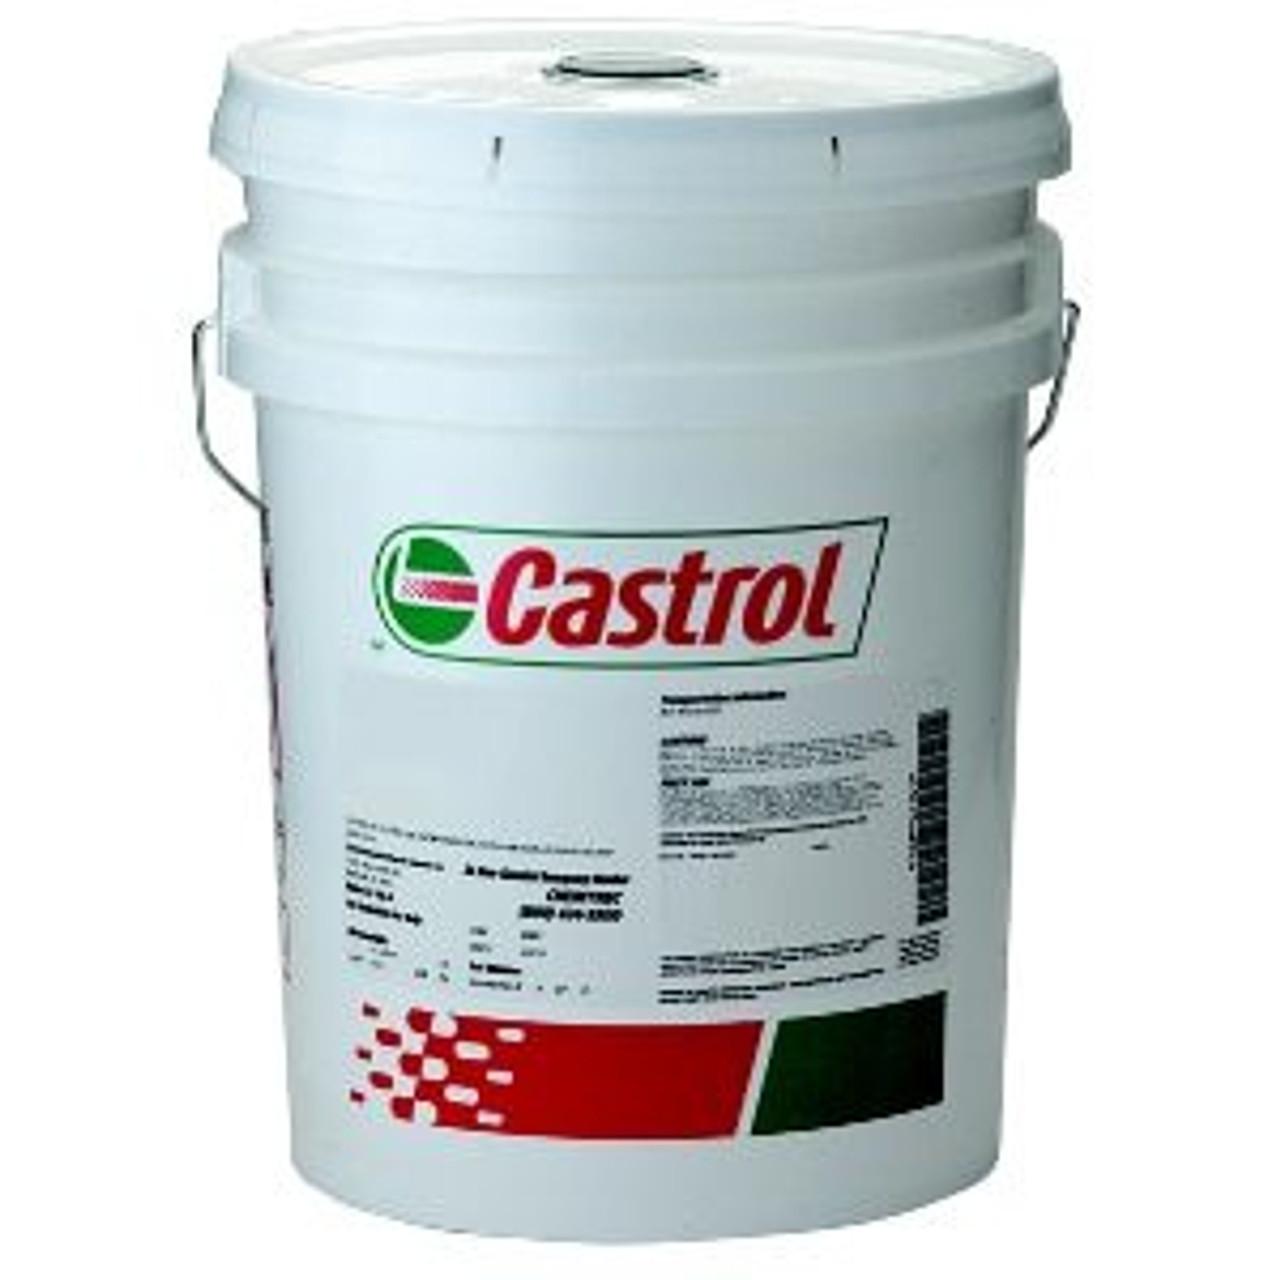 Castrol AA3-129A Defoamer - 40 LB Pail